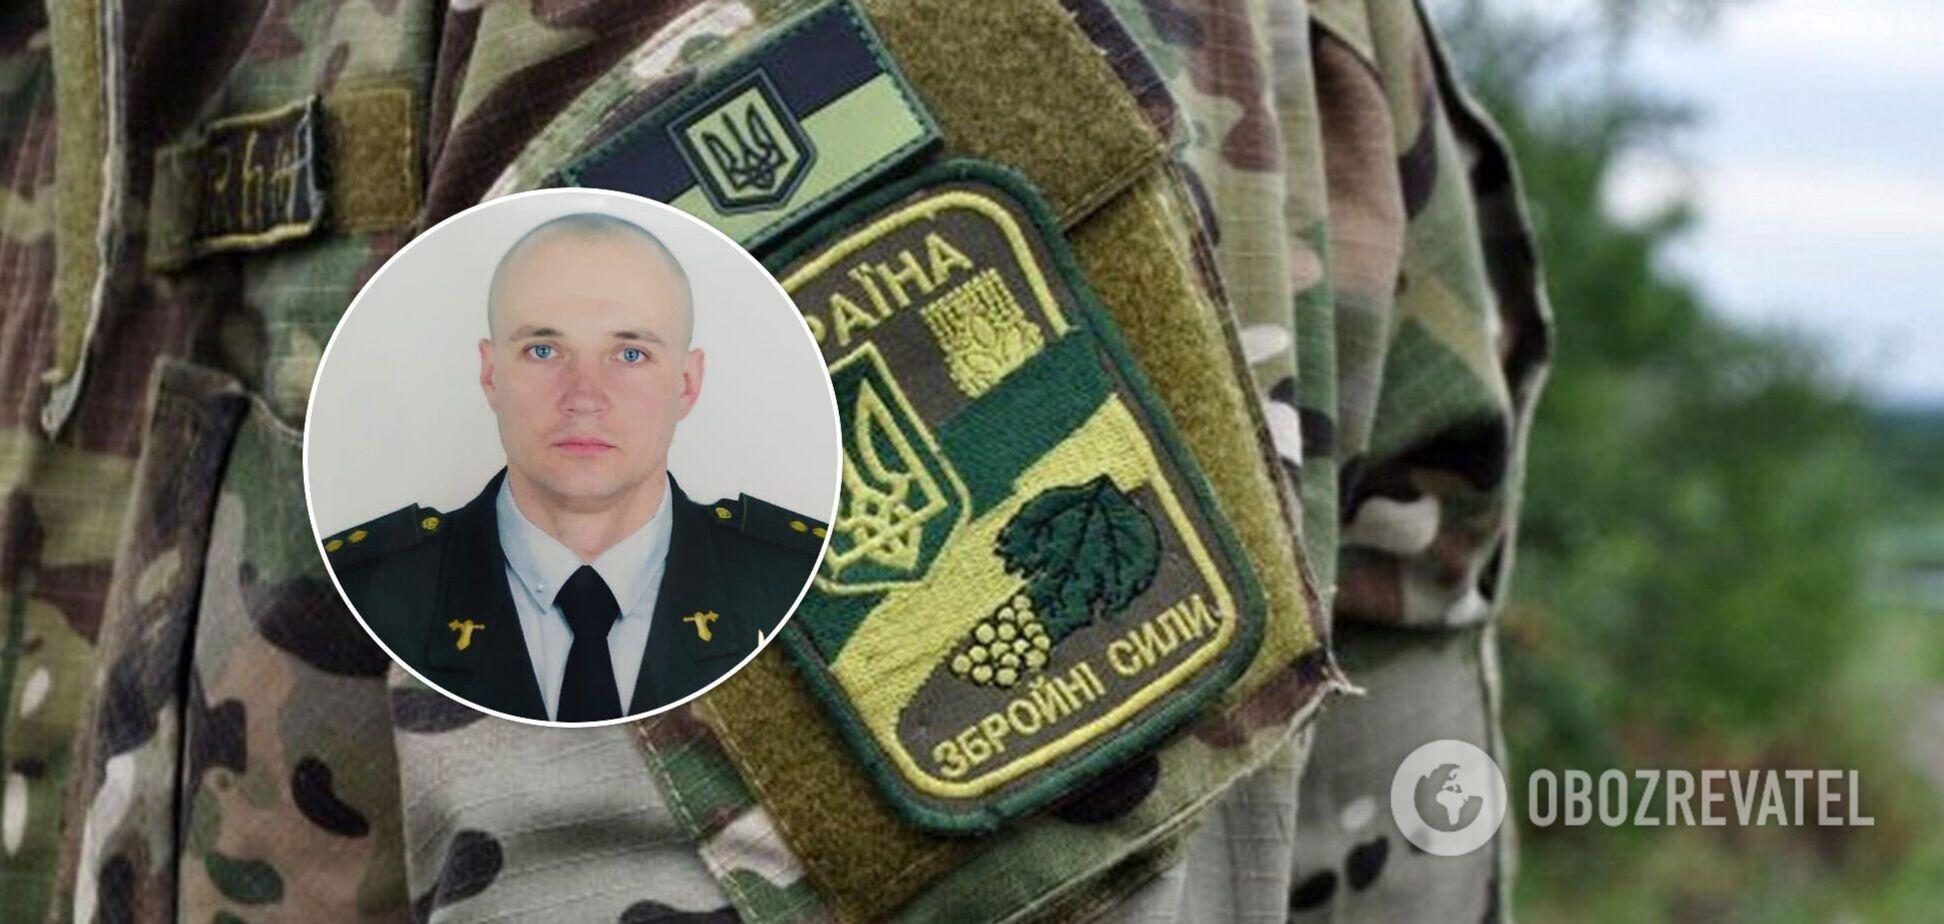 Раптово помер 35-річний офіцер танкової бригади ЗСУ. Фото